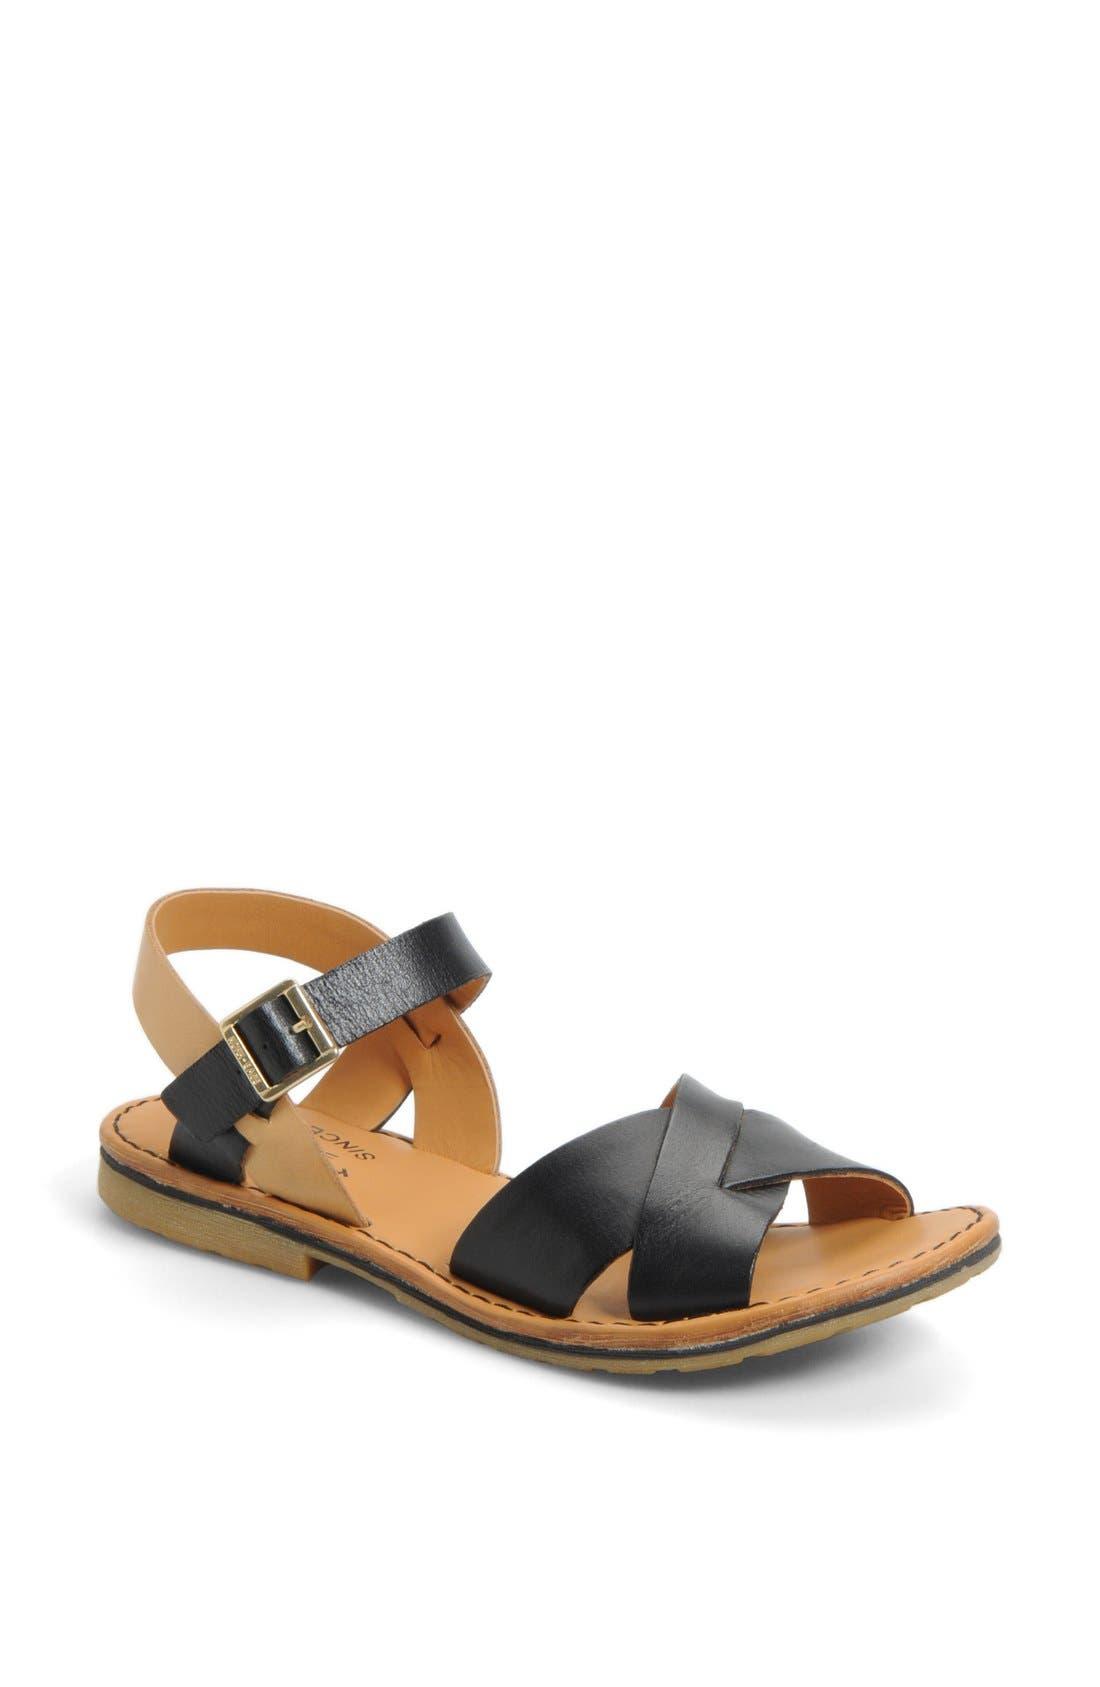 KORK-EASE<SUP>®</SUP>, 'Corine' Sandal, Main thumbnail 1, color, 002